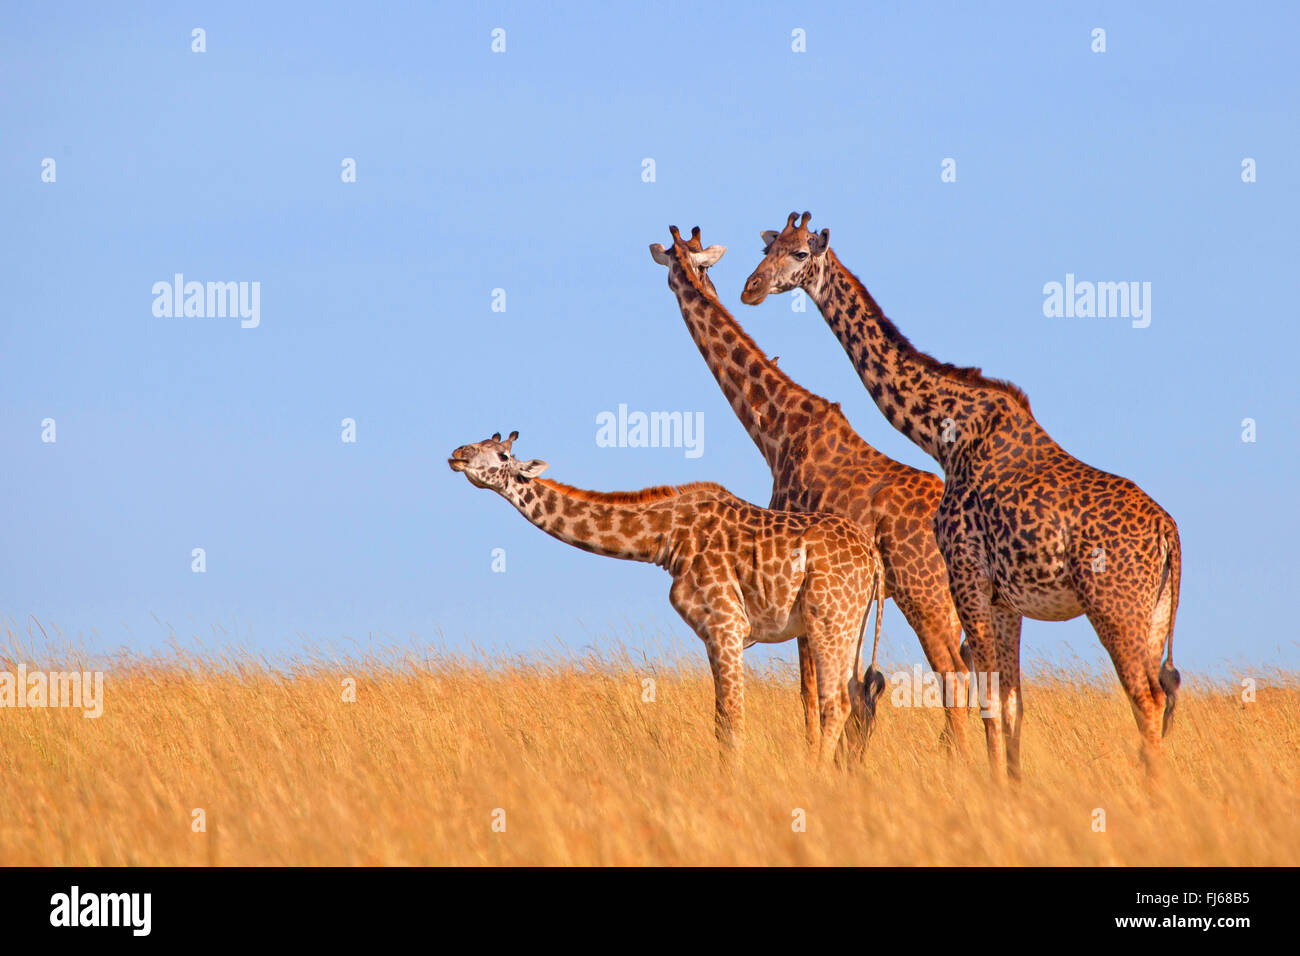 Masai giraffe (Giraffa camelopardalis tippelskirchi), three giraffes in savannah, Kenya, Masai Mara National Park - Stock Image